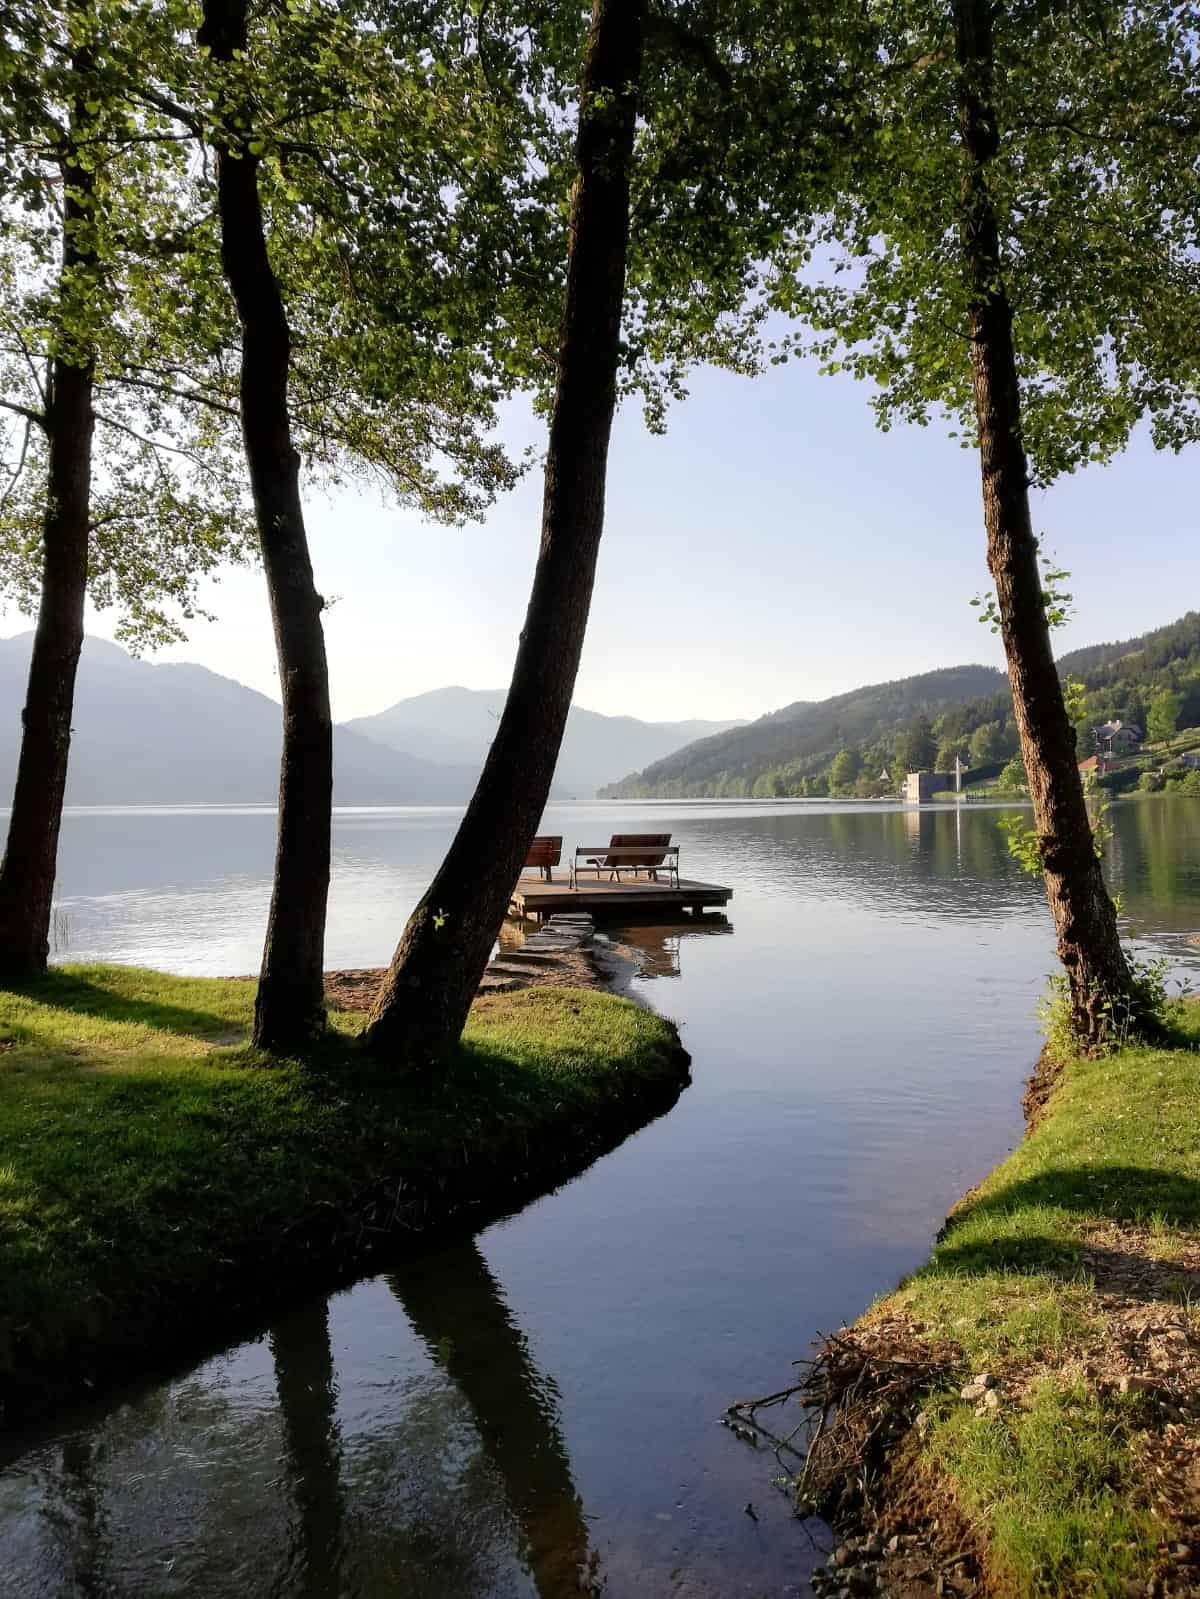 Die schönen Parkanlagen rund um den Millstätter See in Kärnten